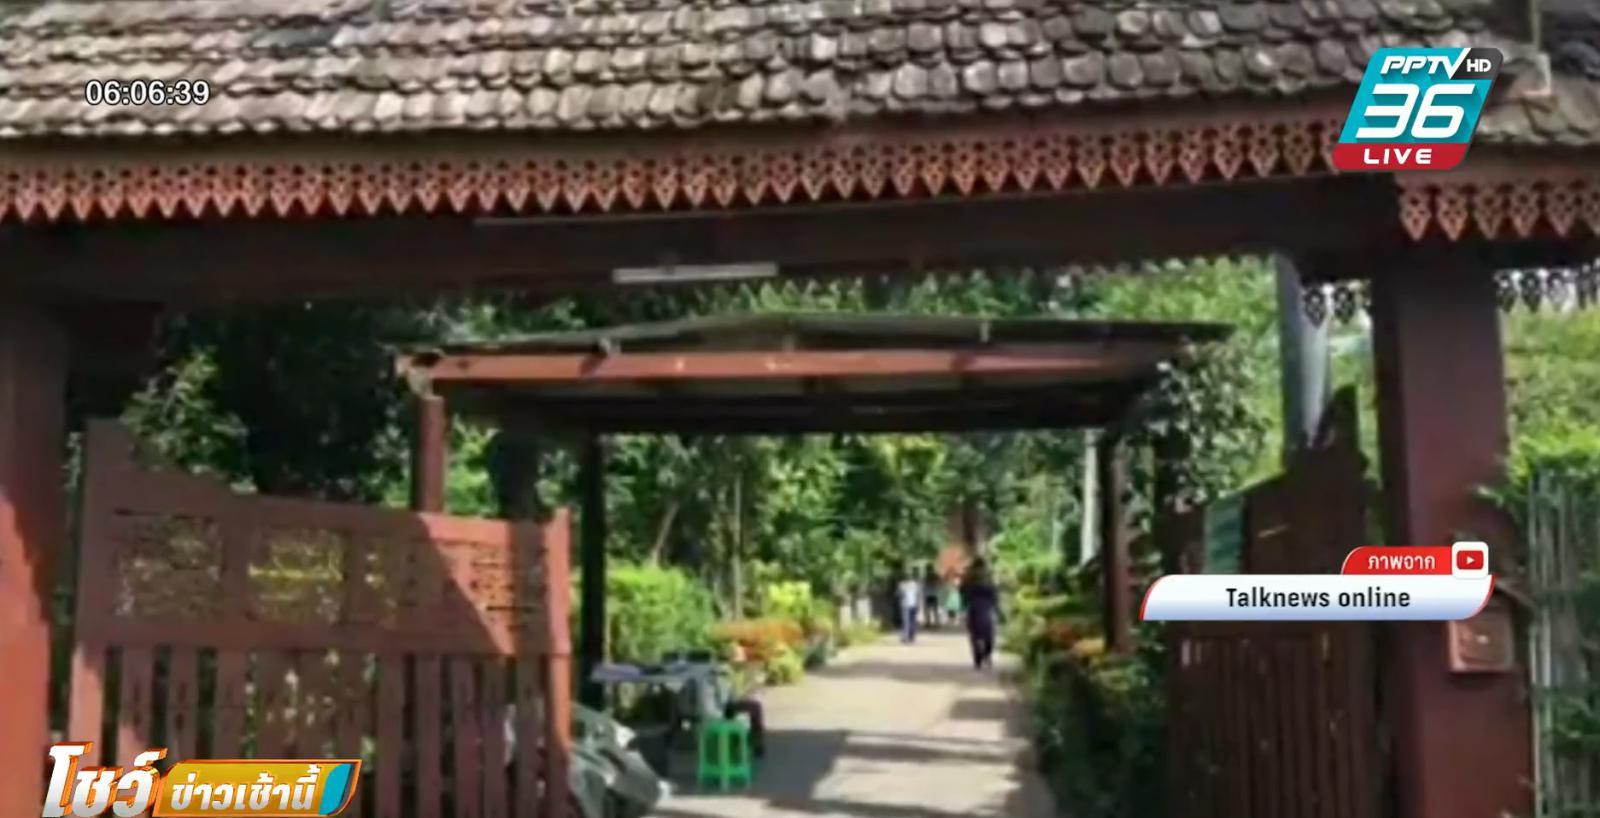 ดารา-ทีมงานหนีตาย บ้านทรงไทยถ่ายละครพังถล่ม